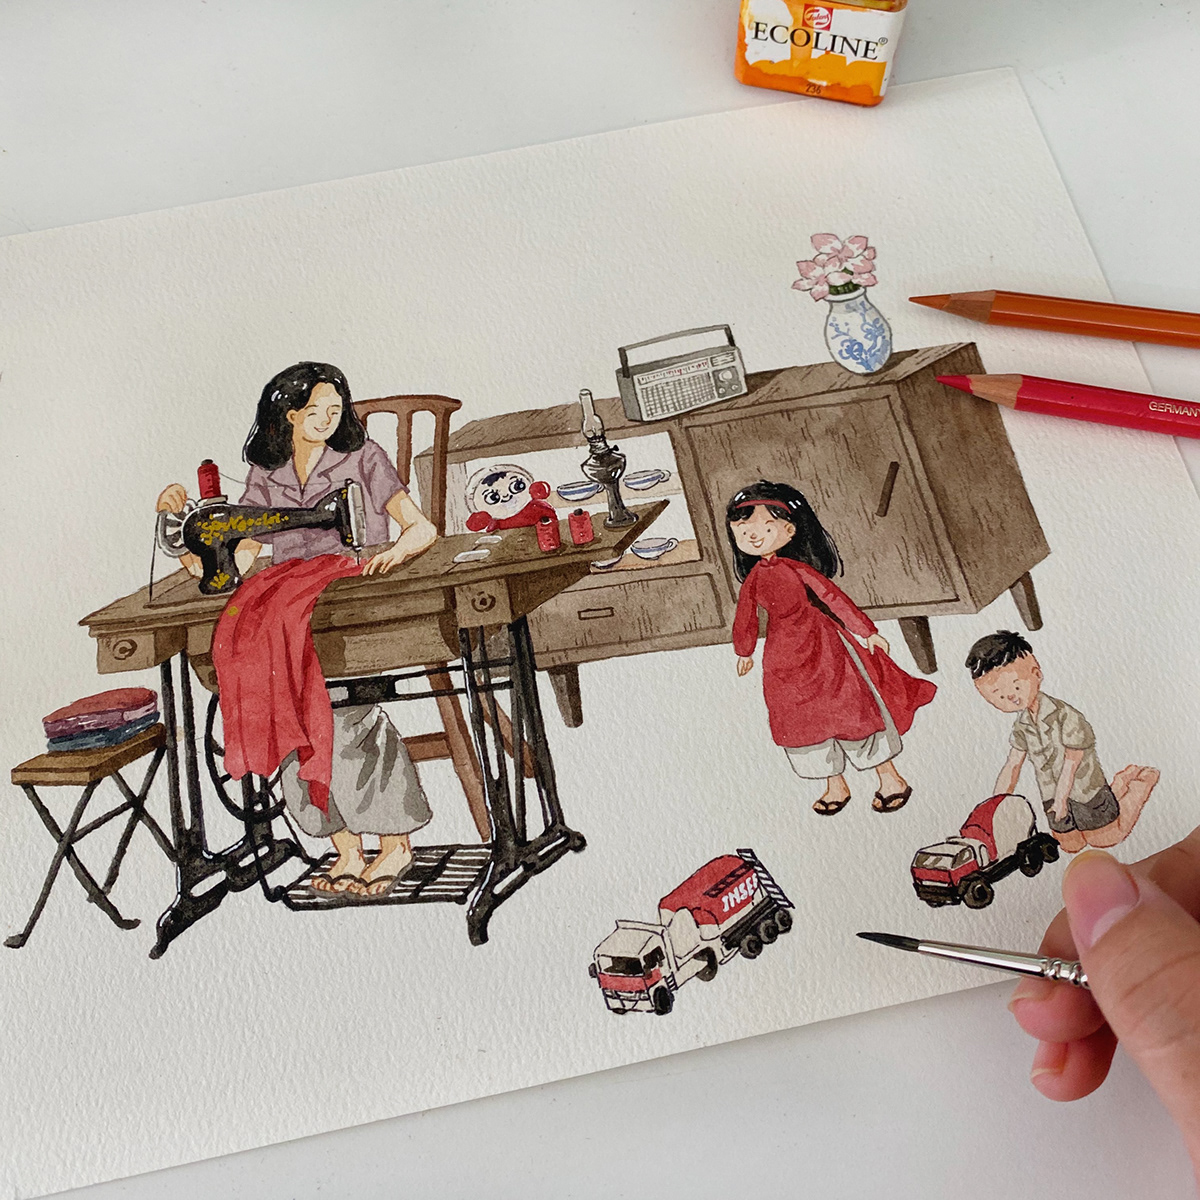 Image may contain: wall, cartoon and drawing